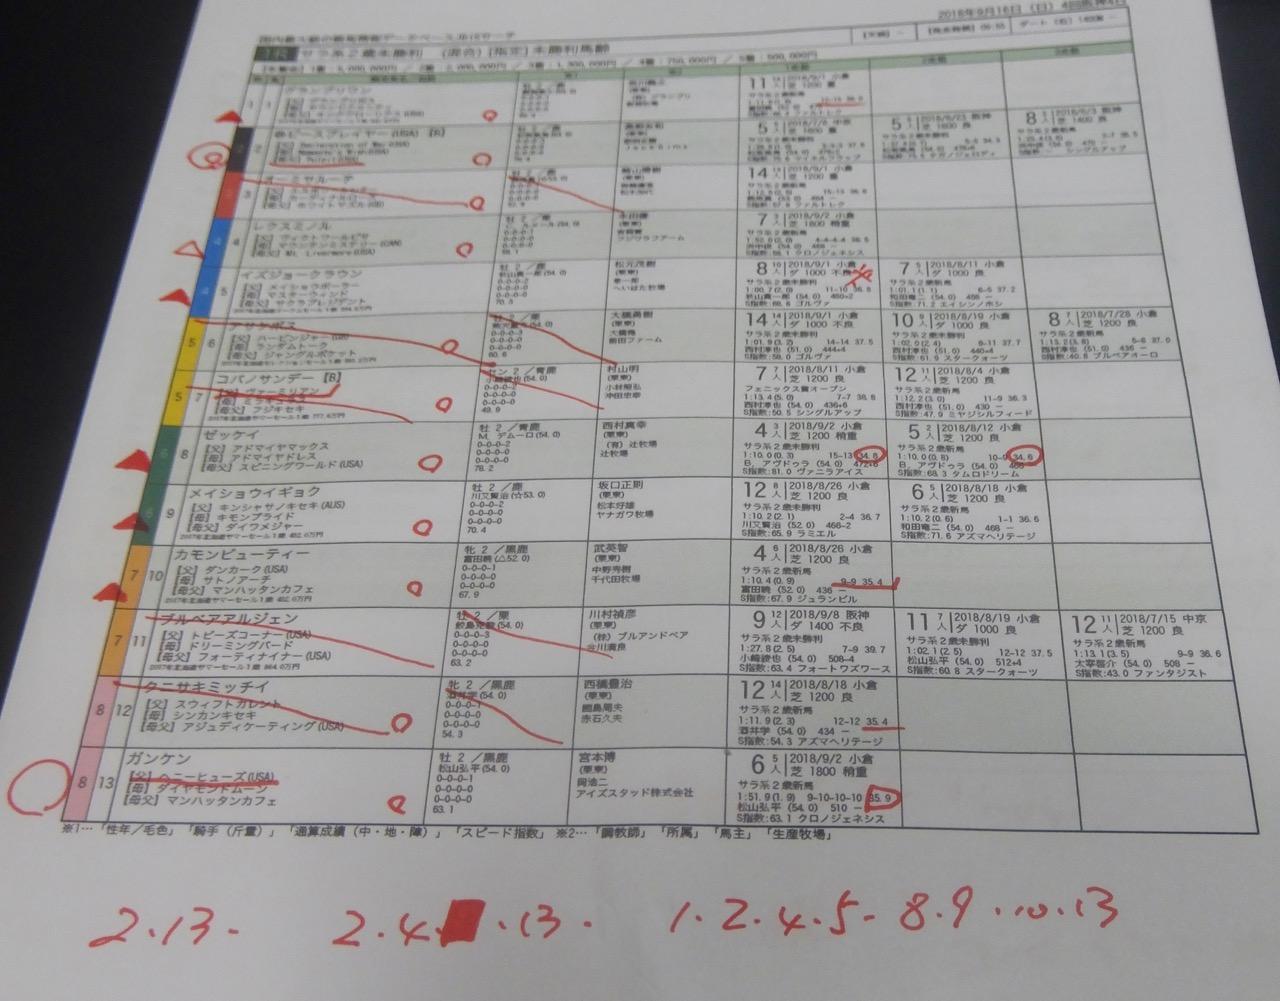 阪神1レース、2歳未勝利(ダート1400m)競馬予想。馬券本命、ヘニーヒューズ産駒ガンケン(松山弘平騎手、宮本博厩舎)2018.9.16